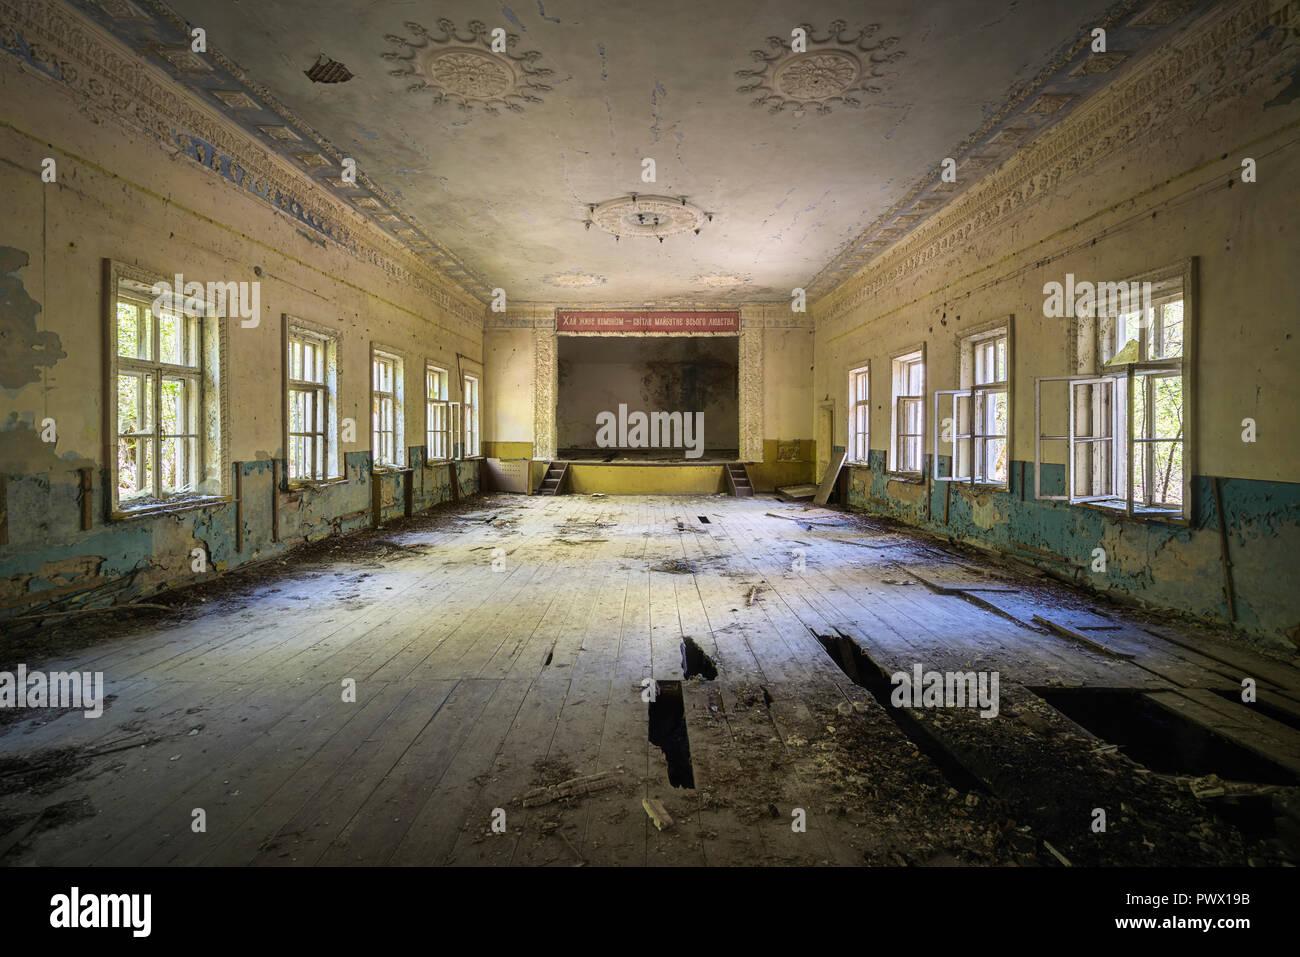 Chistes - Página 20 Vista-desde-el-interior-de-un-teatro-abandonado-en-chernobyl-ucrania-pwx19b